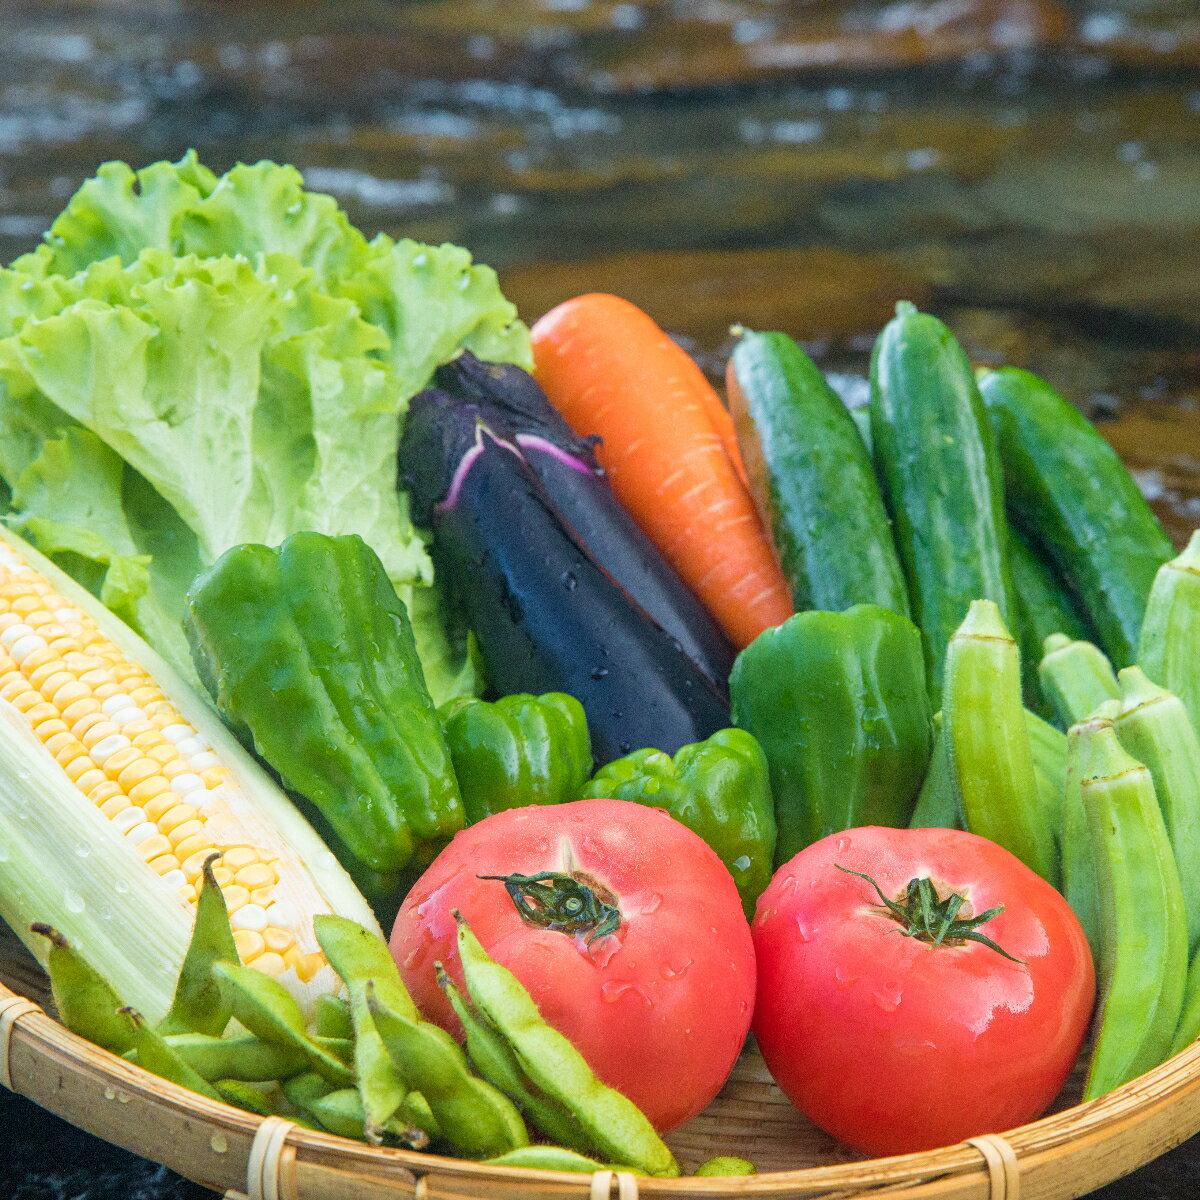 【ふるさと納税】SGN15【定期便年4回】阿波の国海陽町 旬のお野菜詰め合わせセット